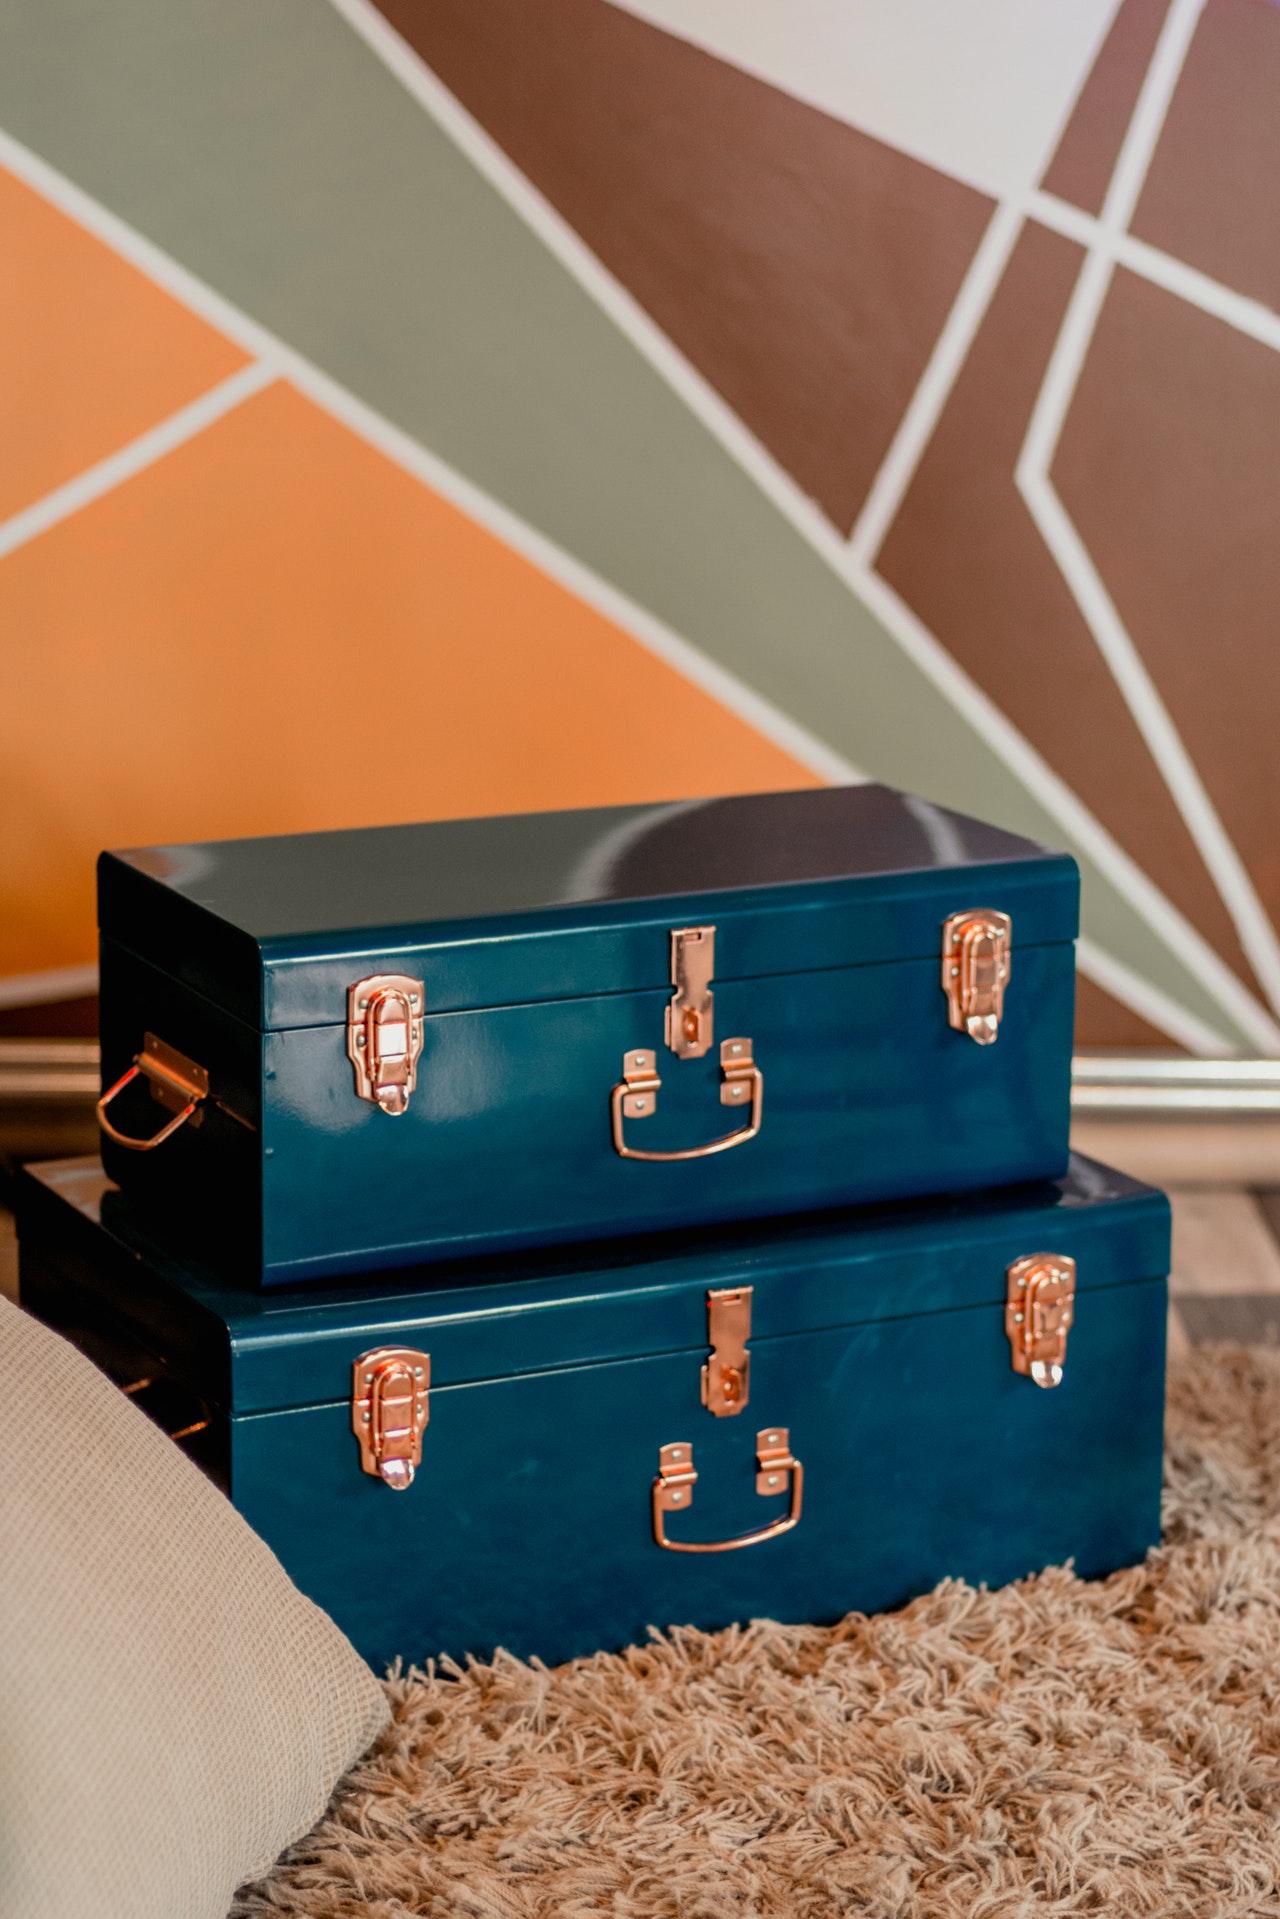 blue storage trunks